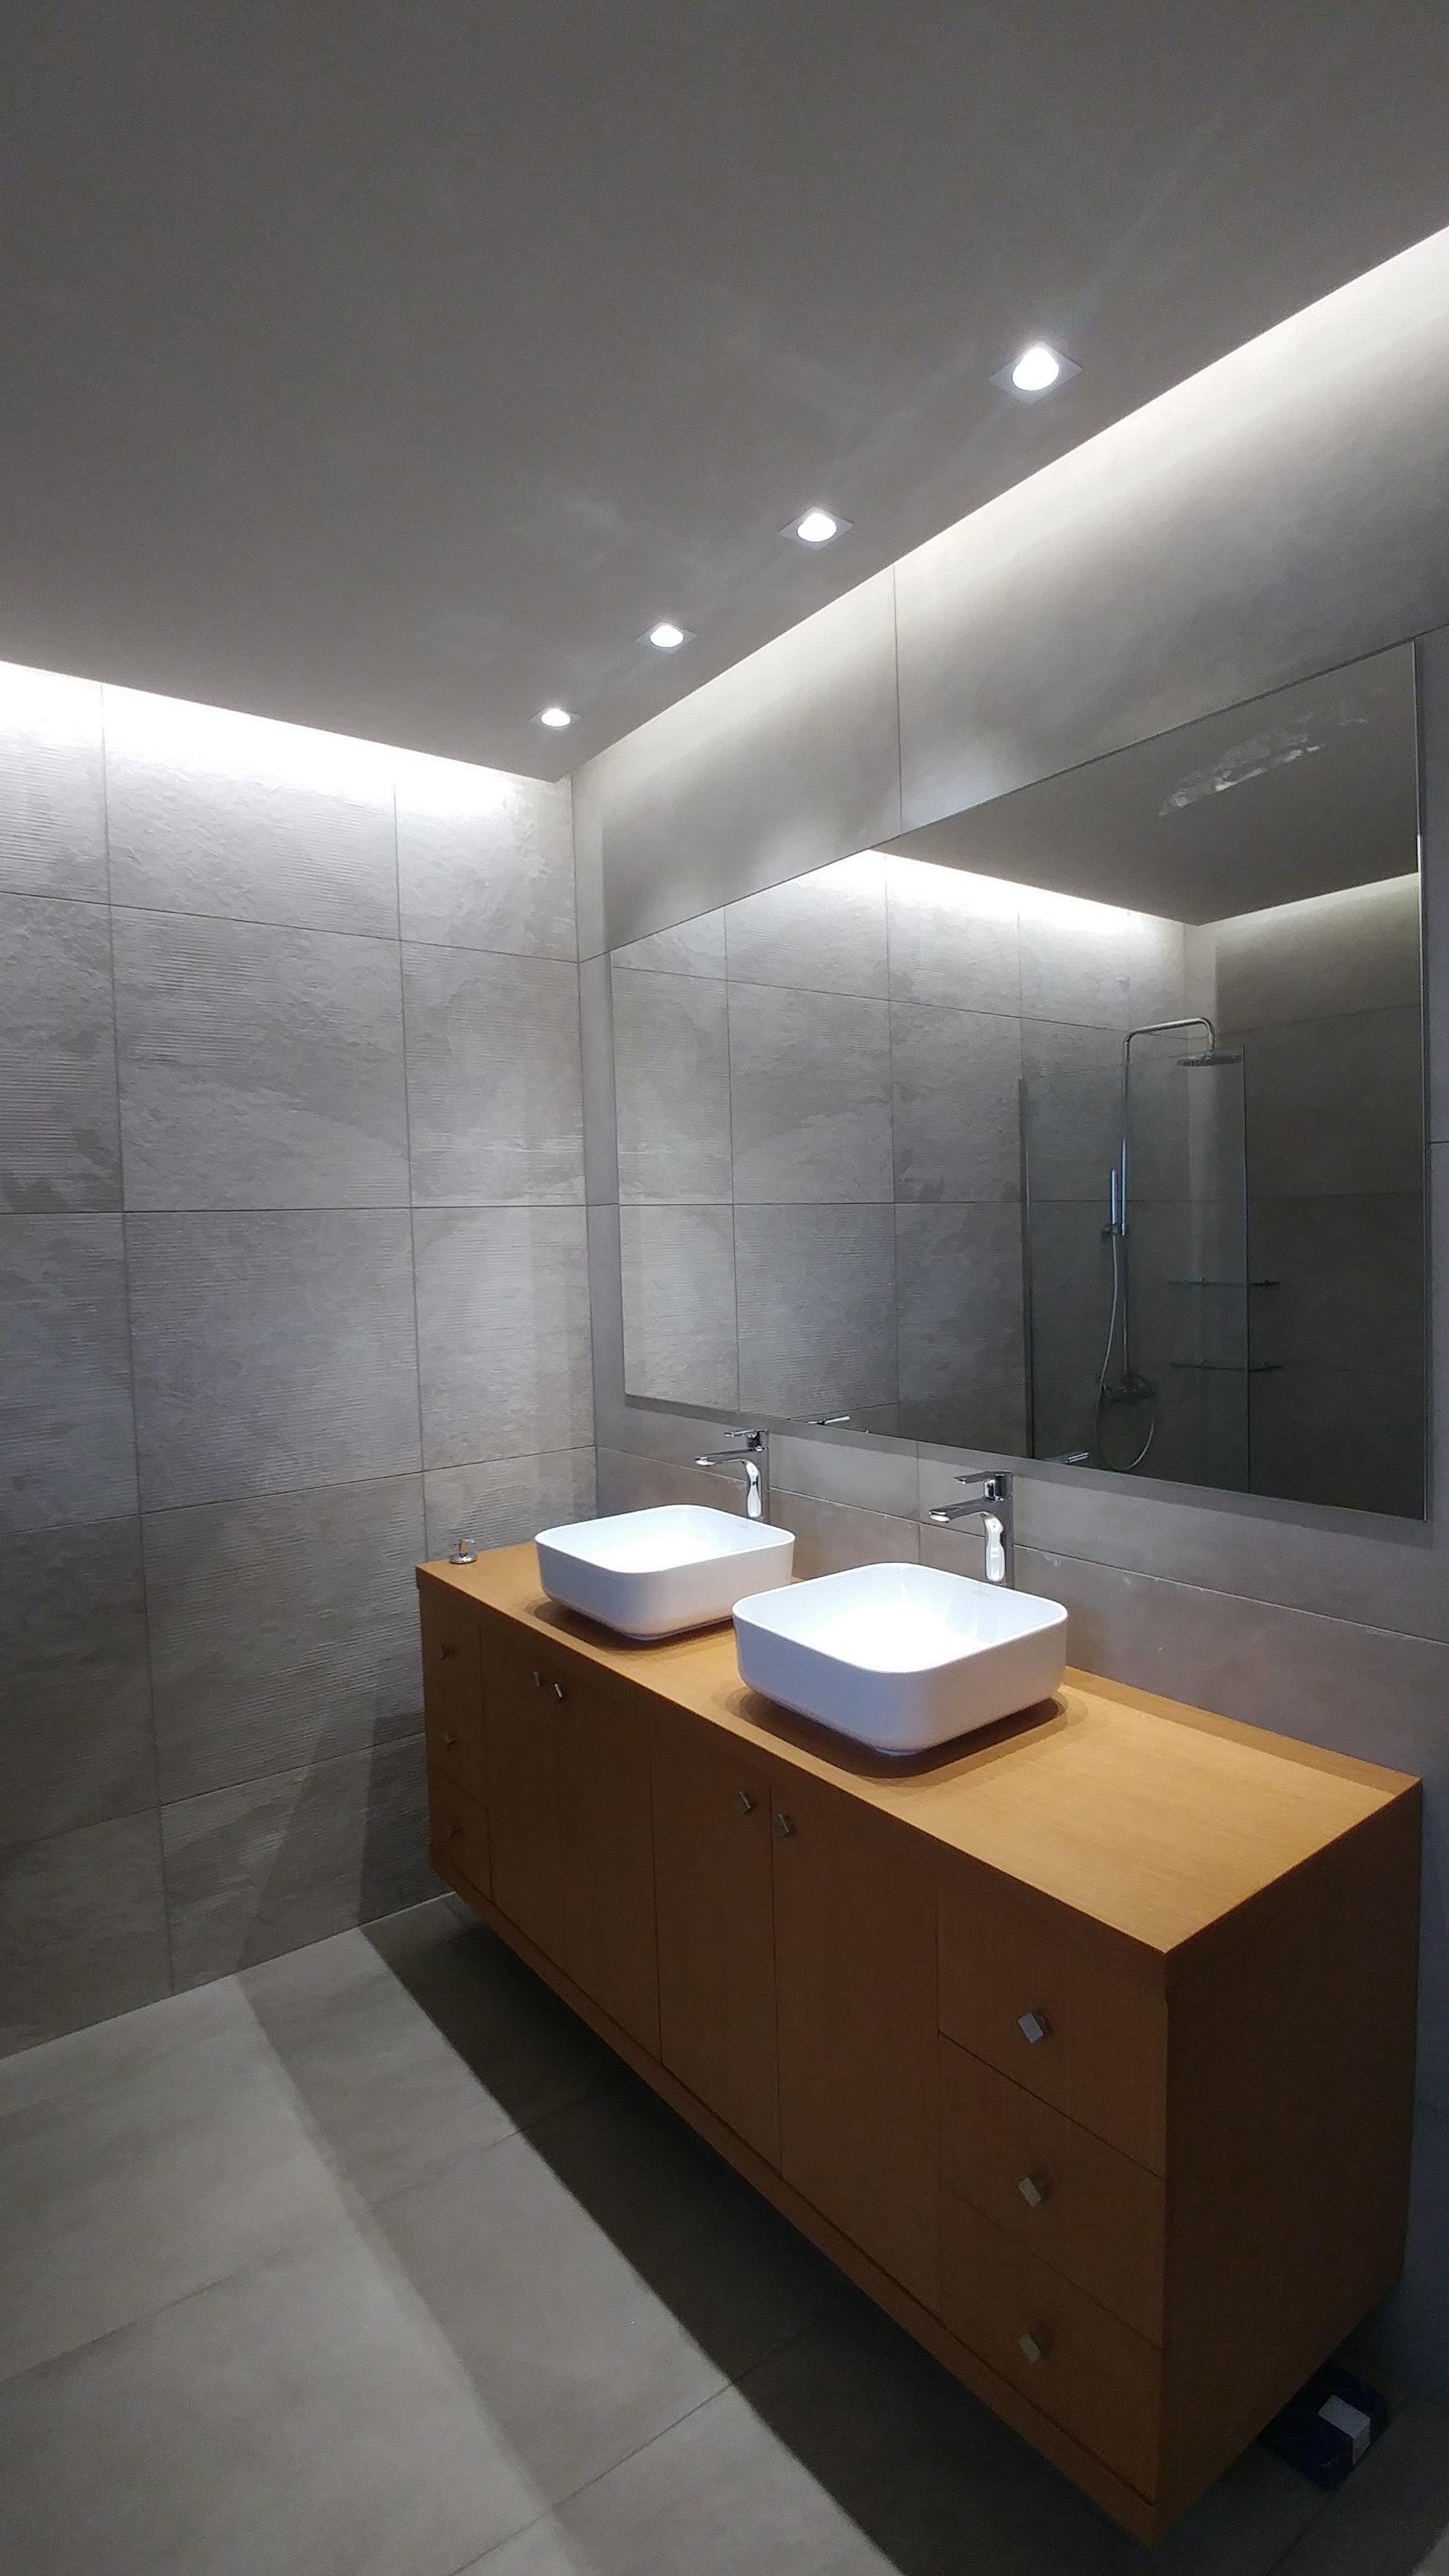 Ανακαίνιση μπάνιου - OPUS